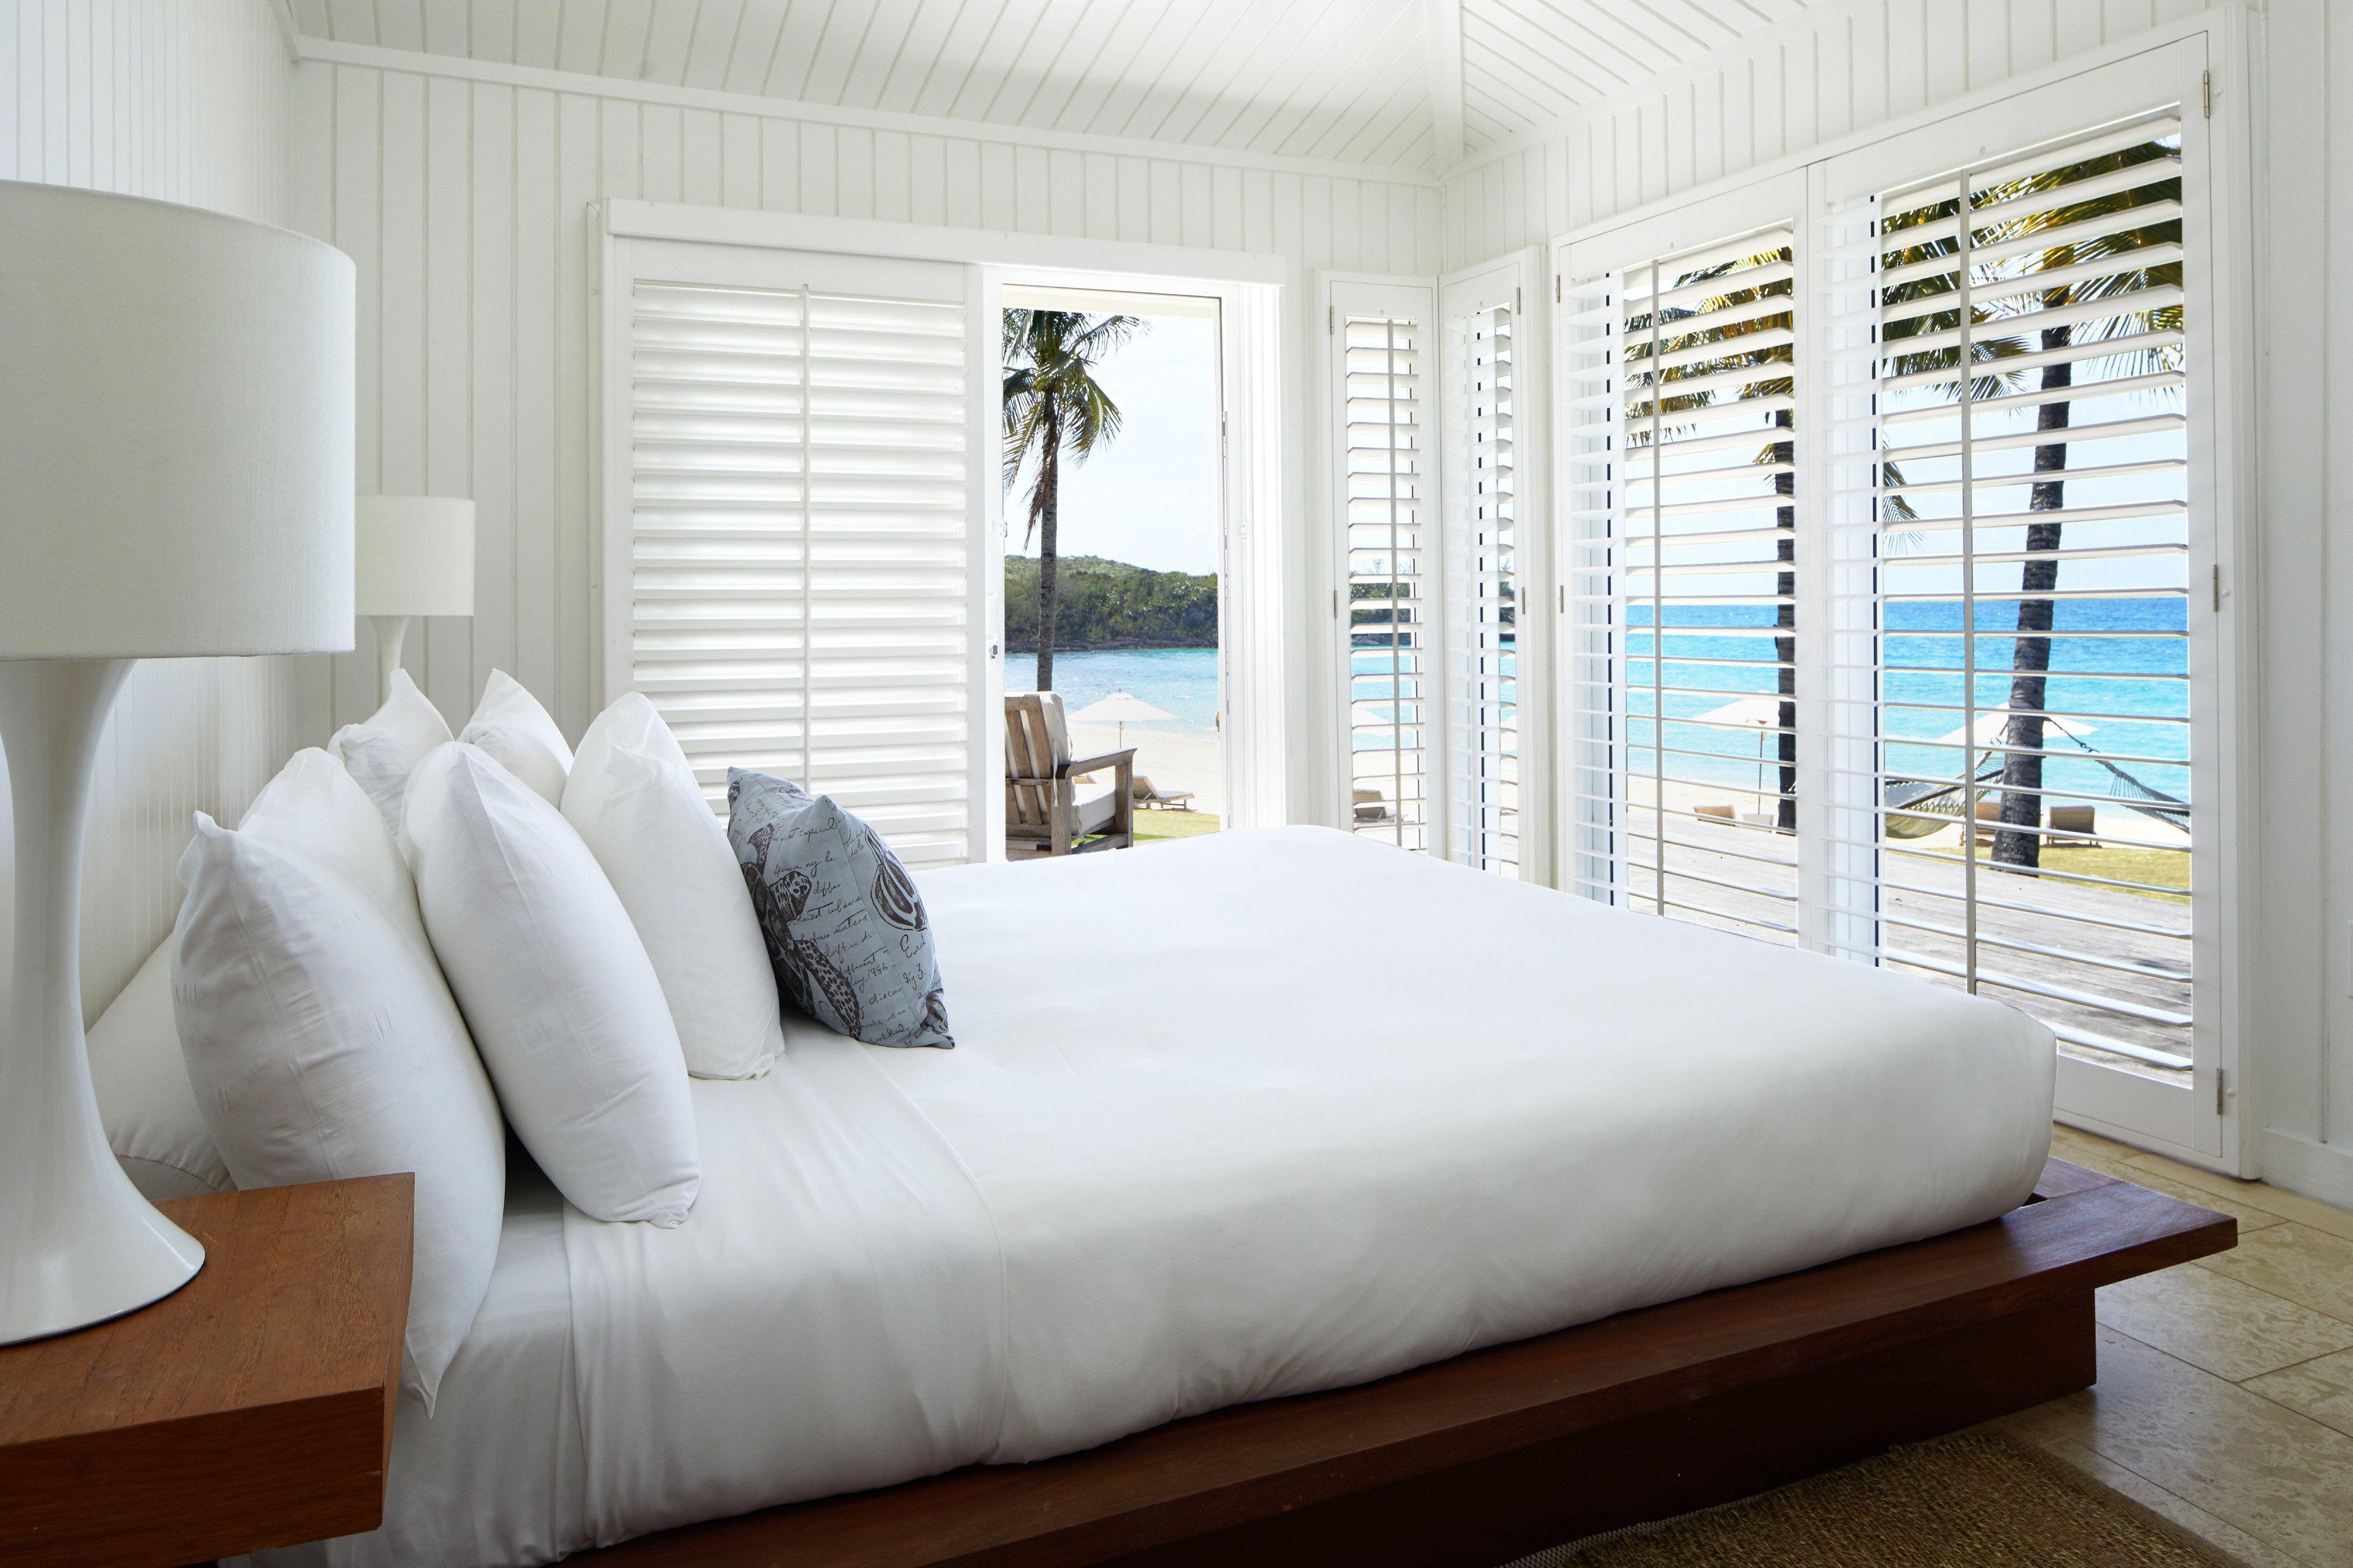 Courtesy of The Cove Eleuthera / Expedia.com